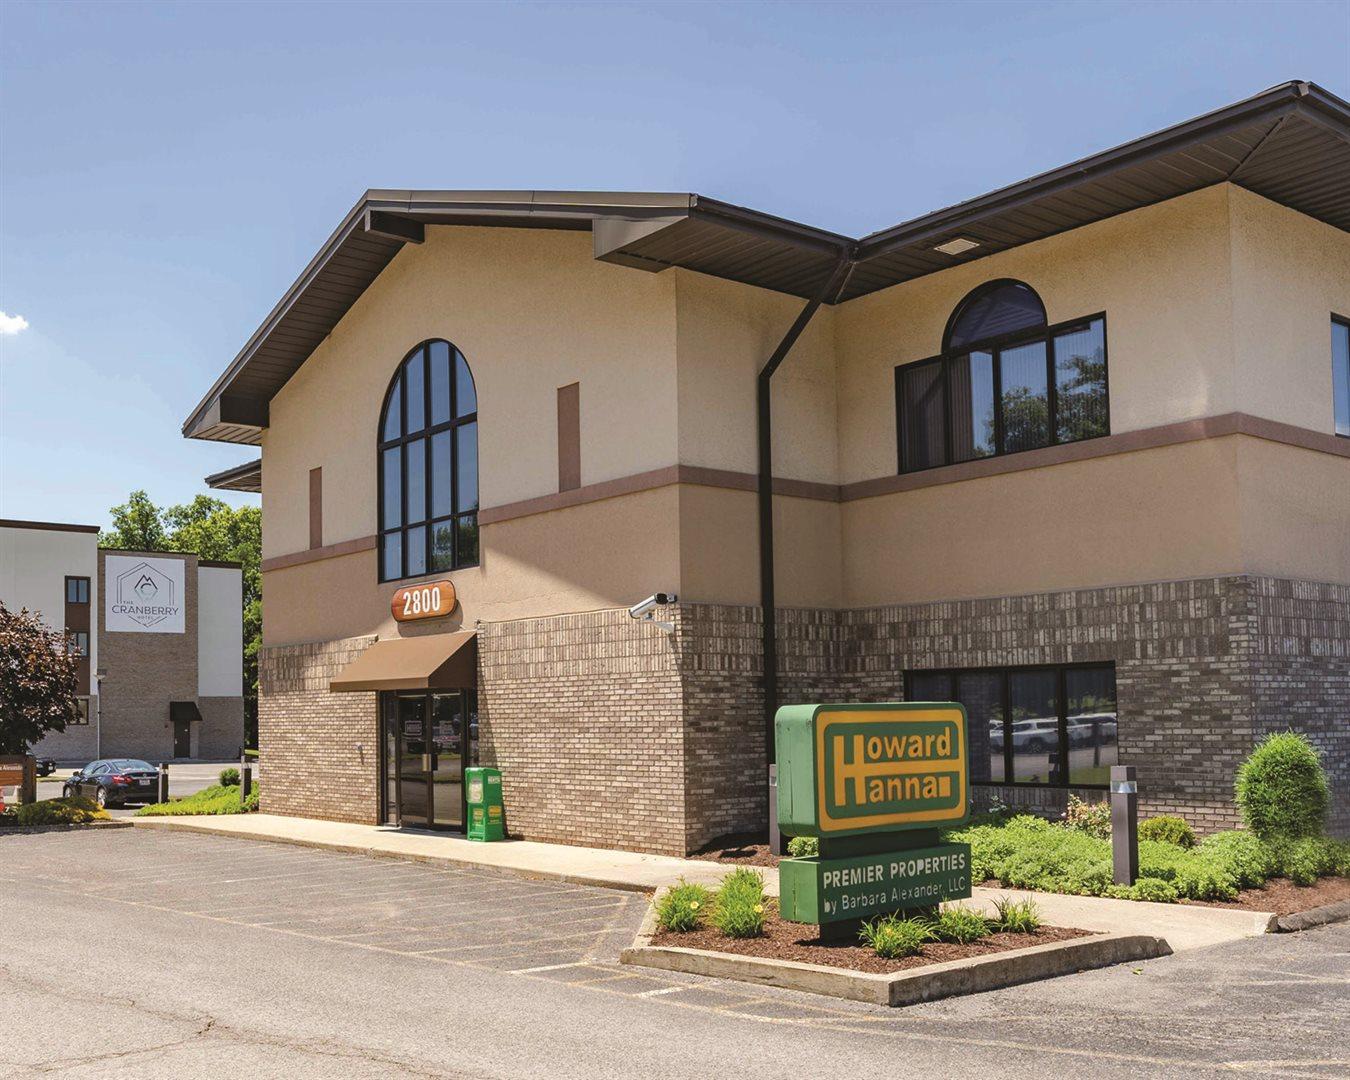 Homes for sale in morgantown wv morgantown wv real for Home builders morgantown wv